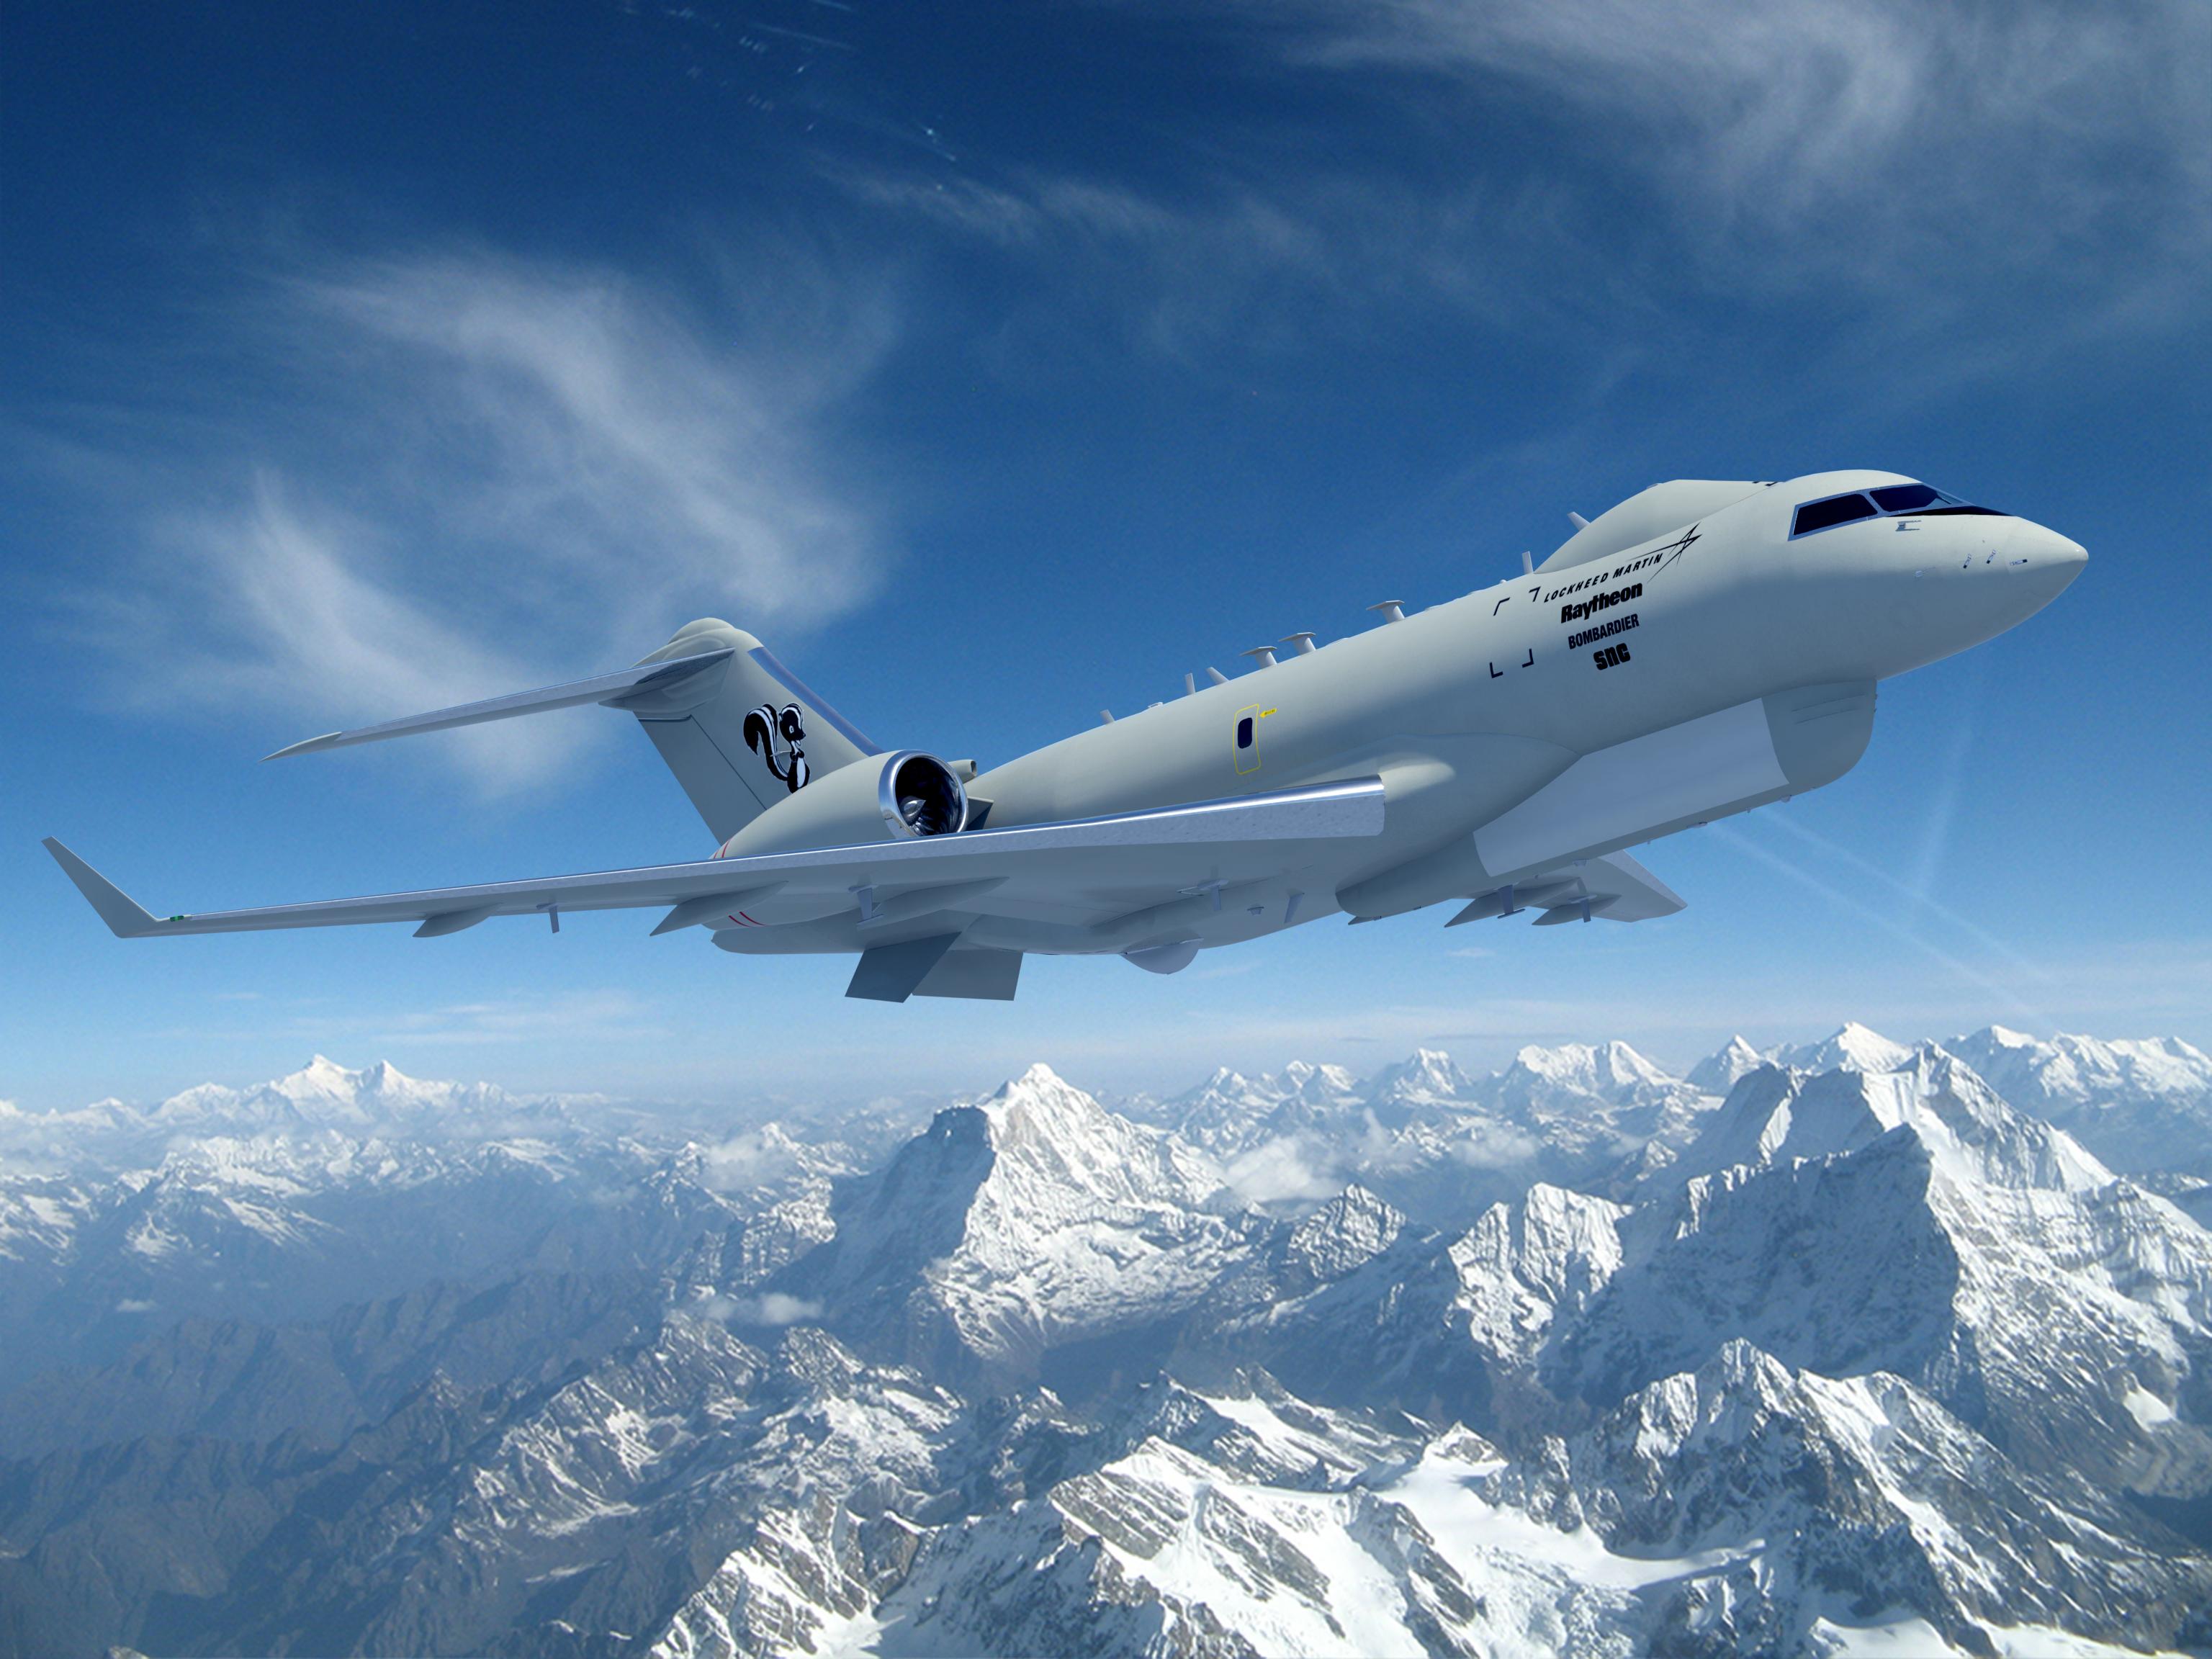 Lockheed Martin and KAI presented their prototype T-X aircraft 66